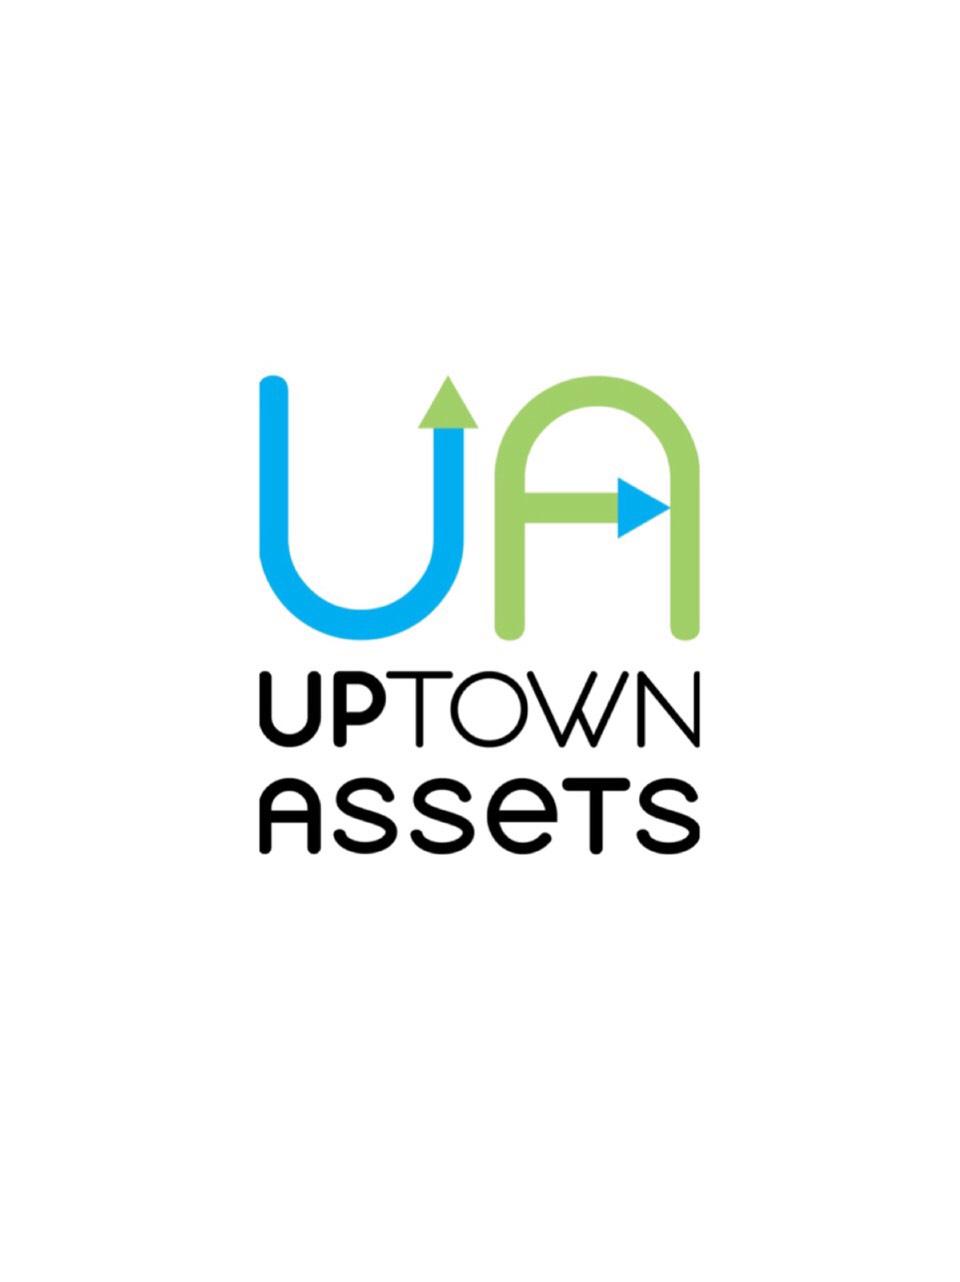 Uptown Assets  logo